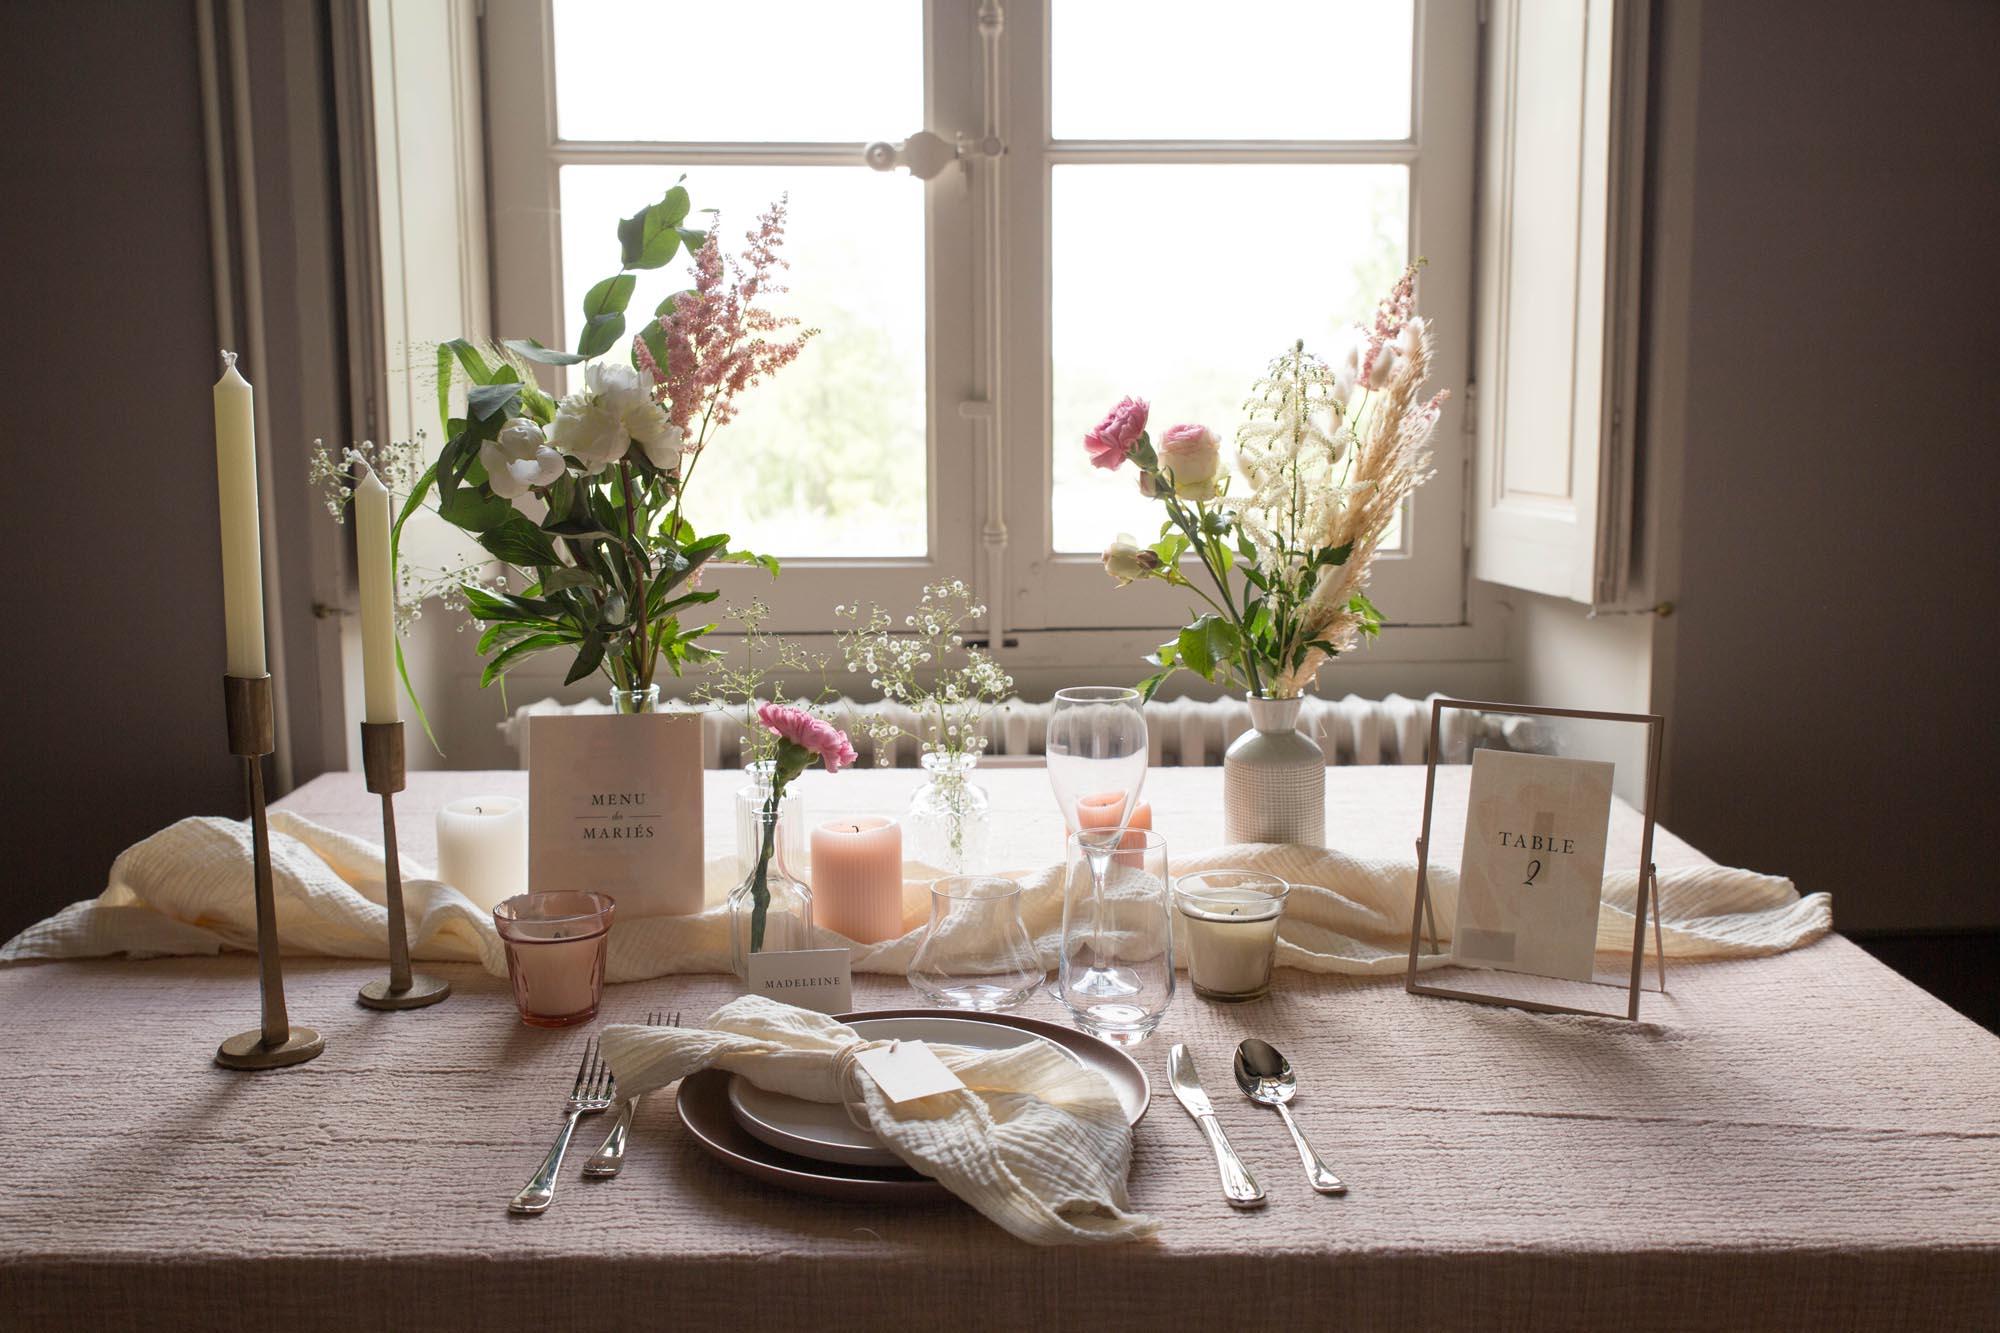 Papeterie table mariage collection Blush couleurs rose, rose poudré, rose clair, blanc, mariage thèmes doux, romantique